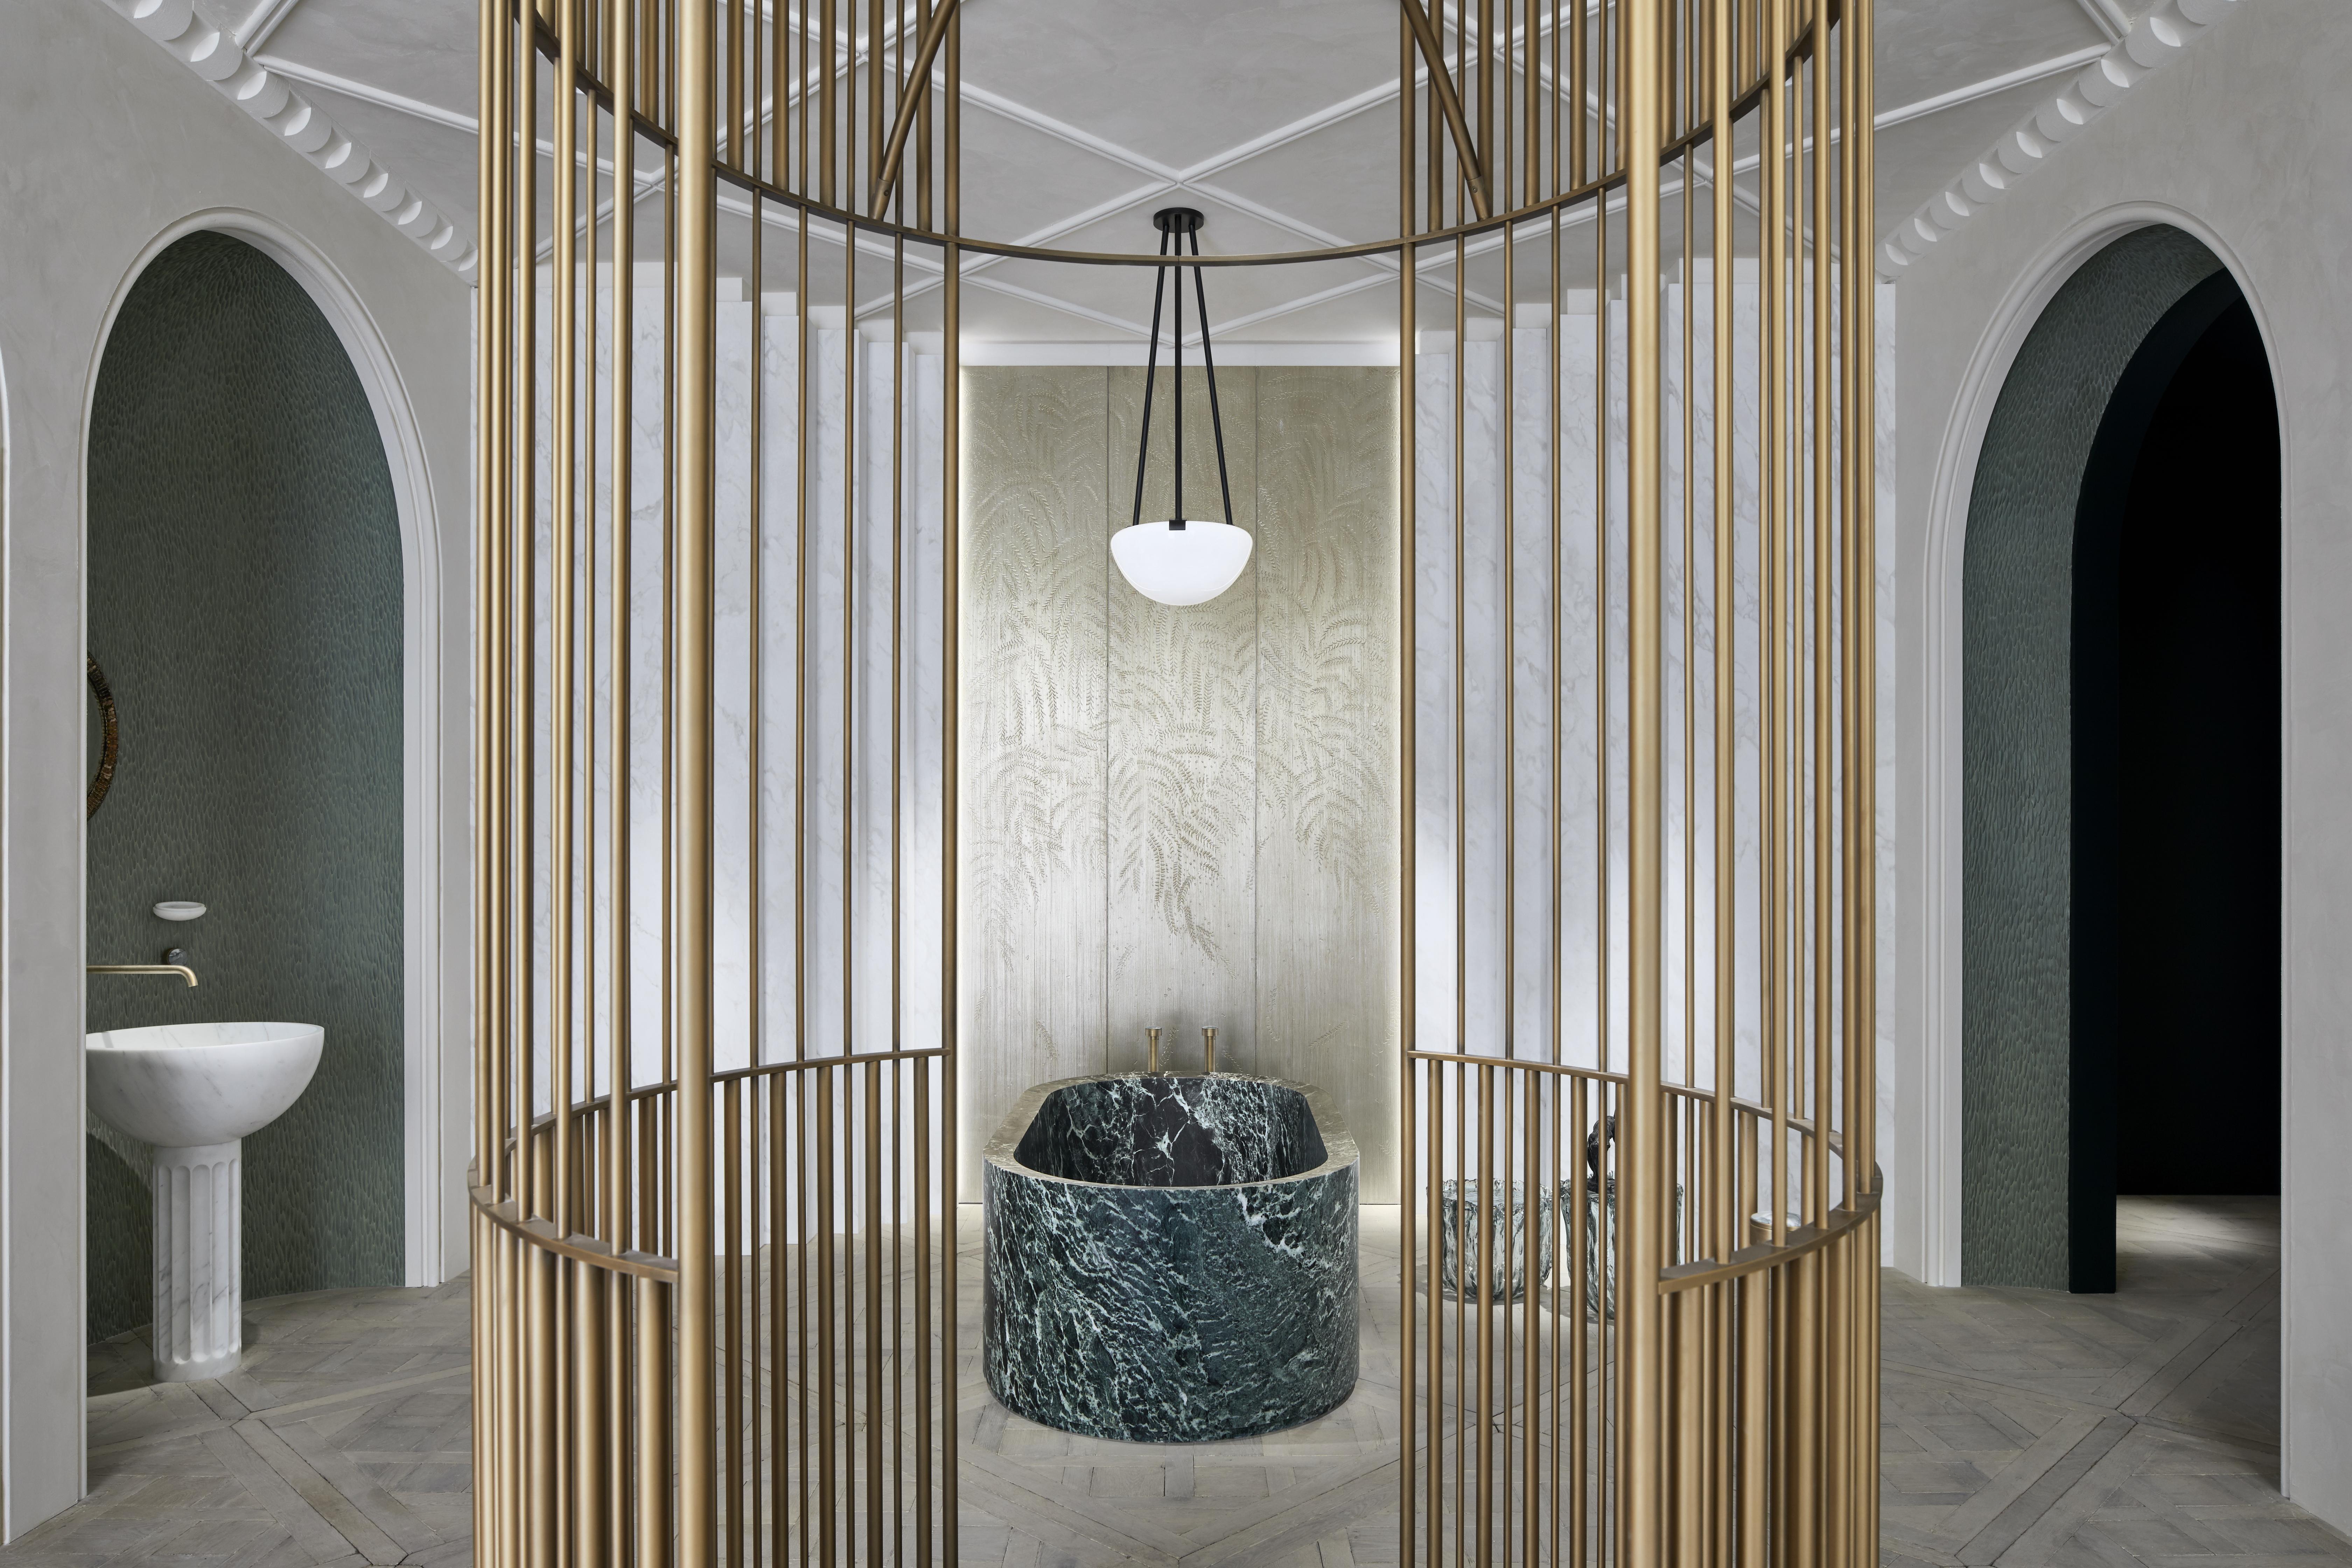 AD Intérieurs 2019, Humbert & Poyet, La salle de bain néo-classique